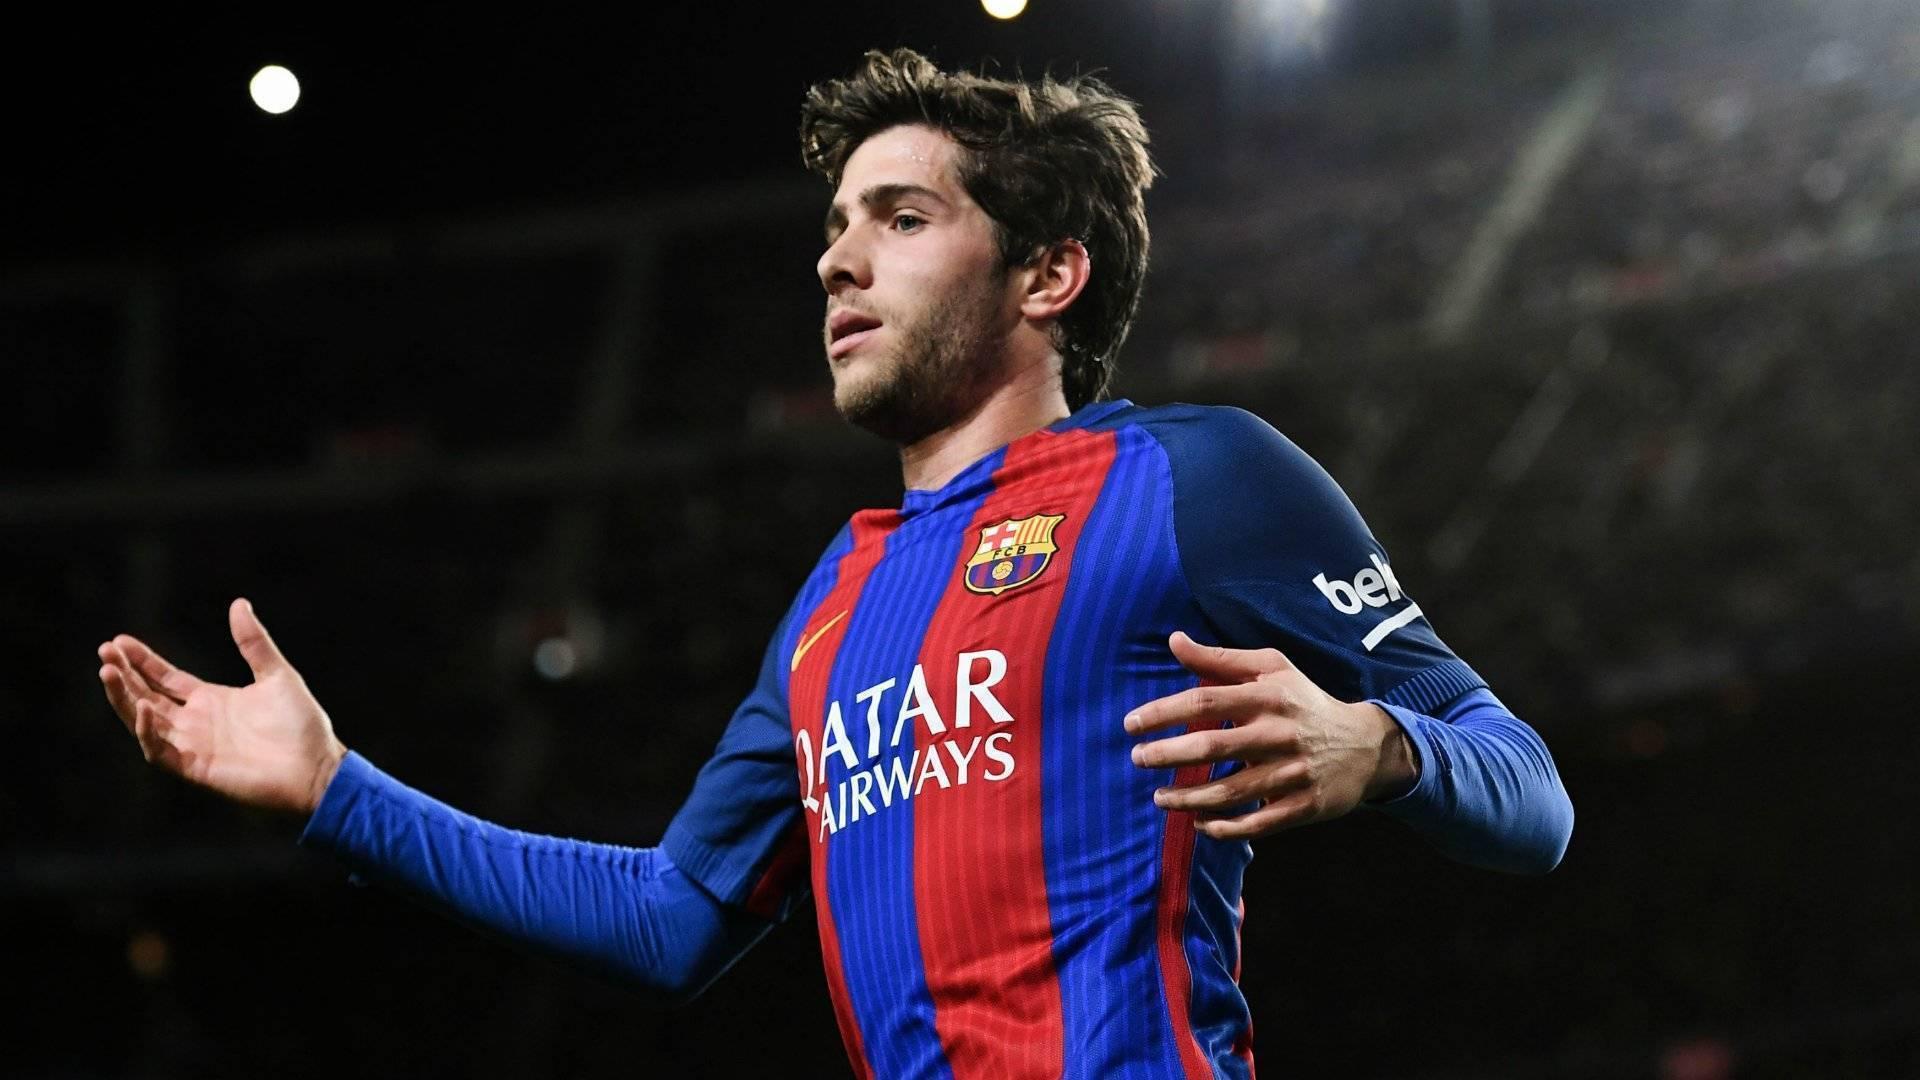 Sergi Roberto zbuloi se në momentet e fundit pranoi ofertën e Barcës para të Realit